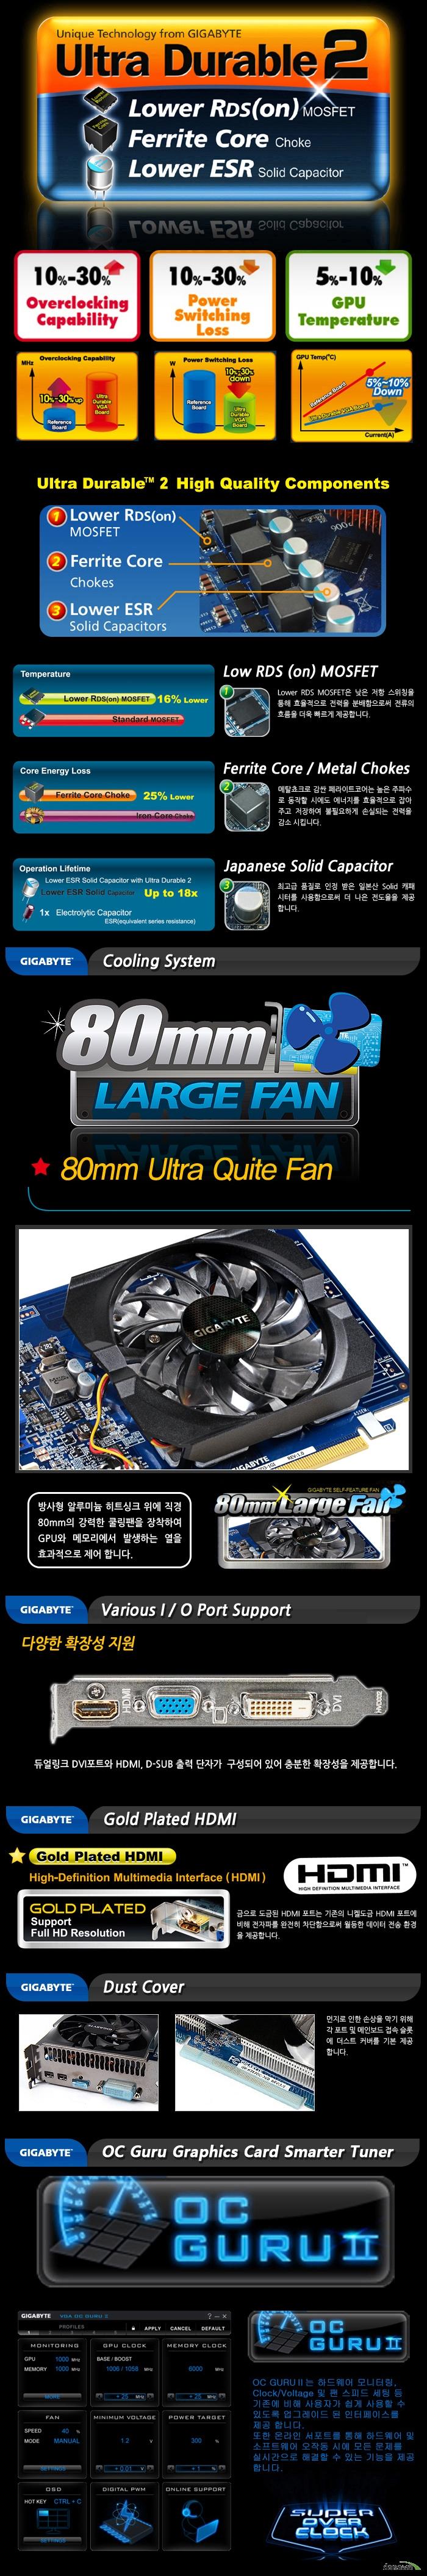 GIGABYTE 지포스 GT730 UD2 D5 2GB 블랙펄 제품 제조사 기술정보